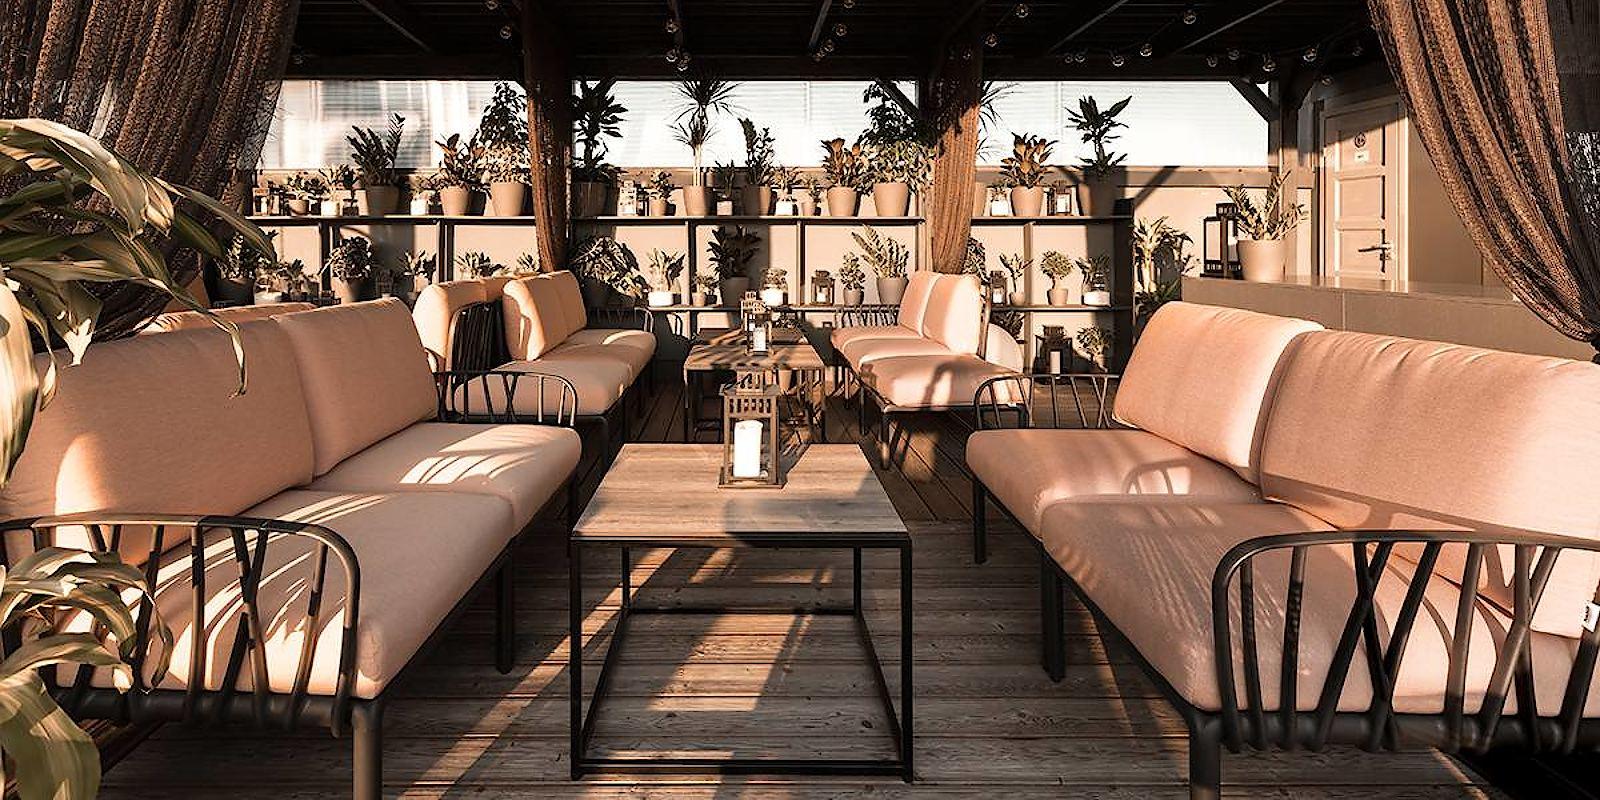 Елегантна лаунж-зона готеля з модульними диванами Komodo 5 від Nardi